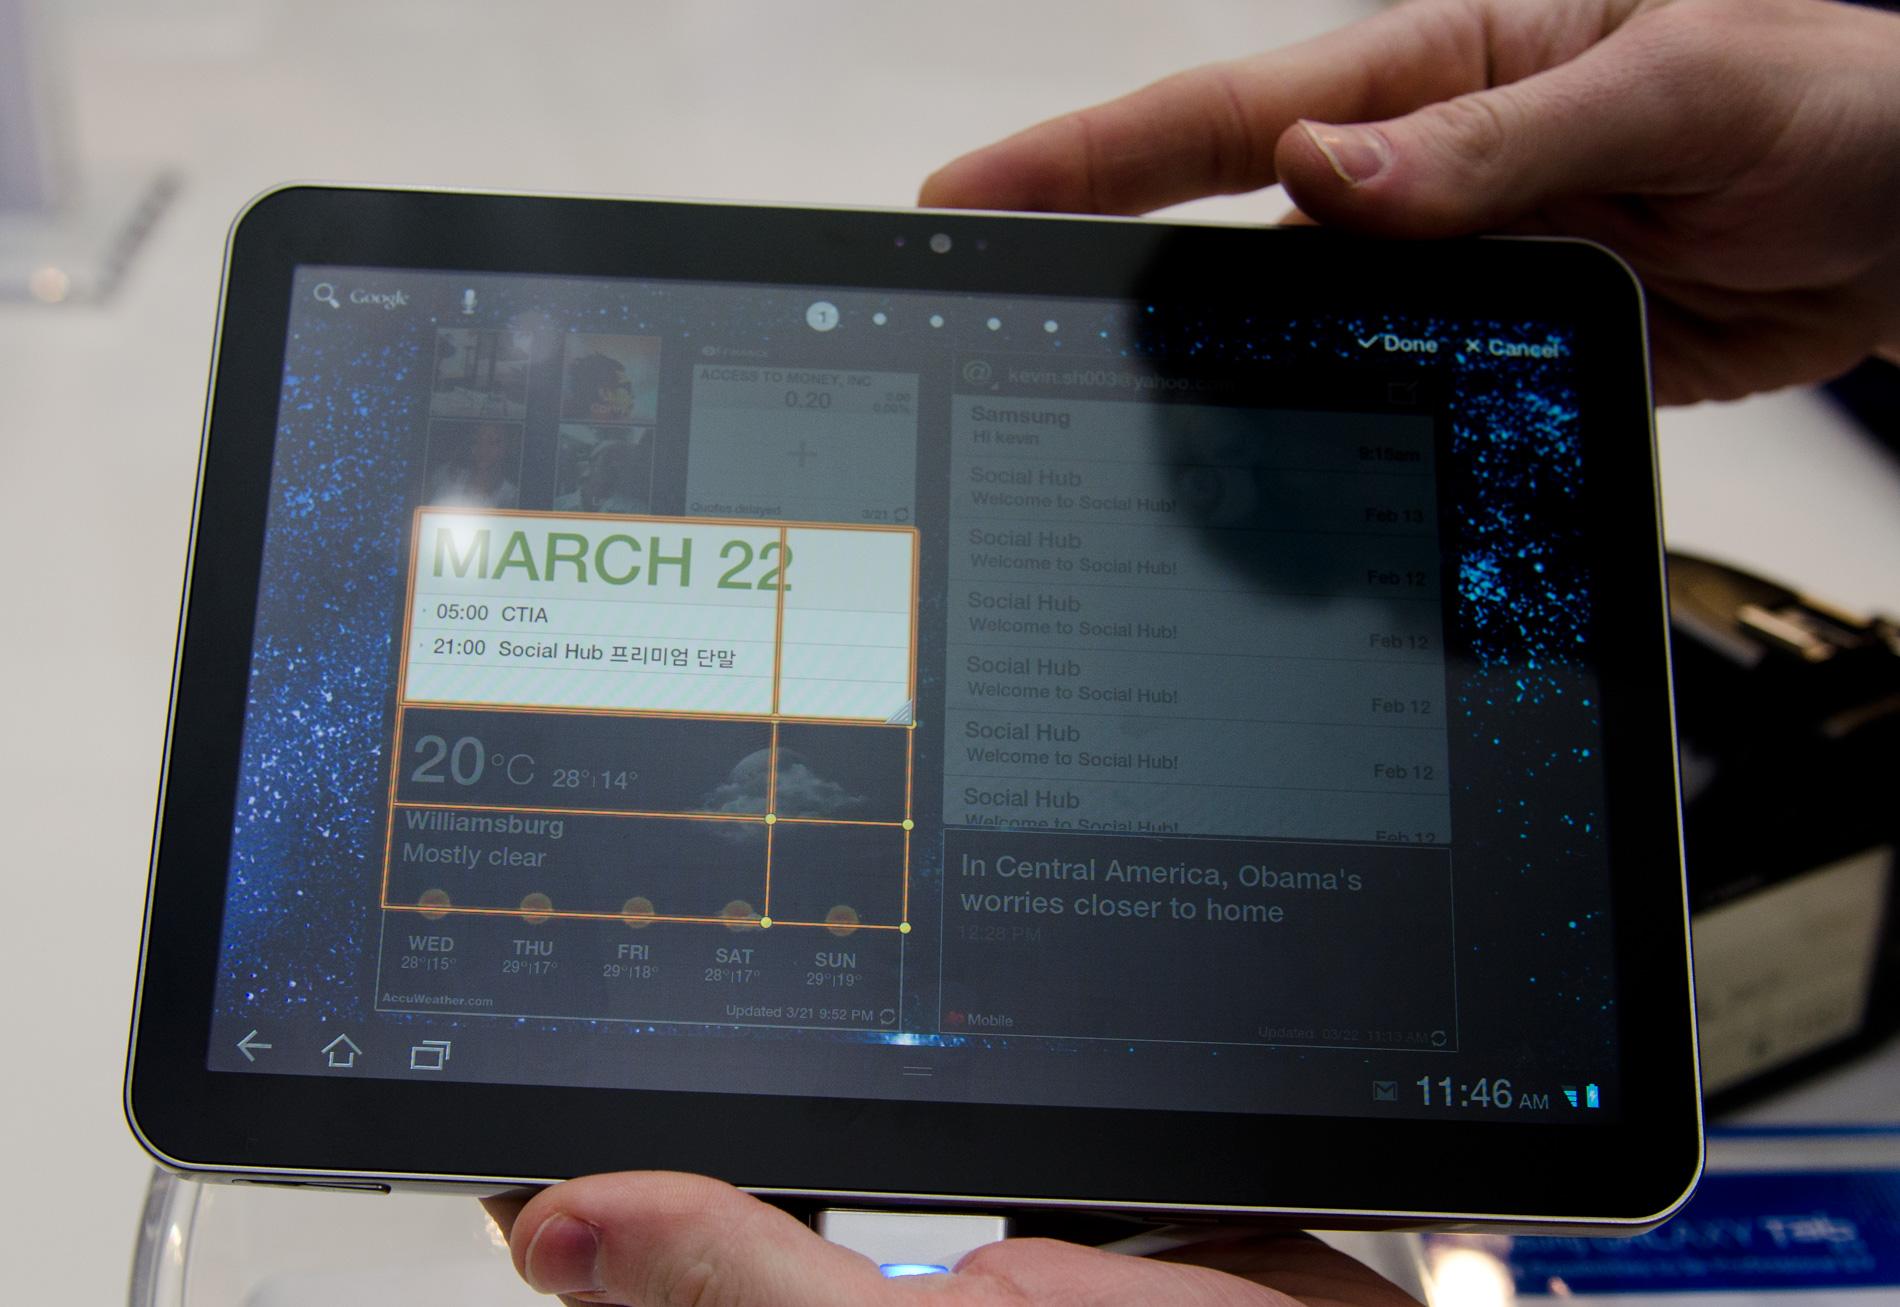 http://images.anandtech.com/reviews/tradeshows/2011/CTIA/Samsung/DSC_2444.jpg